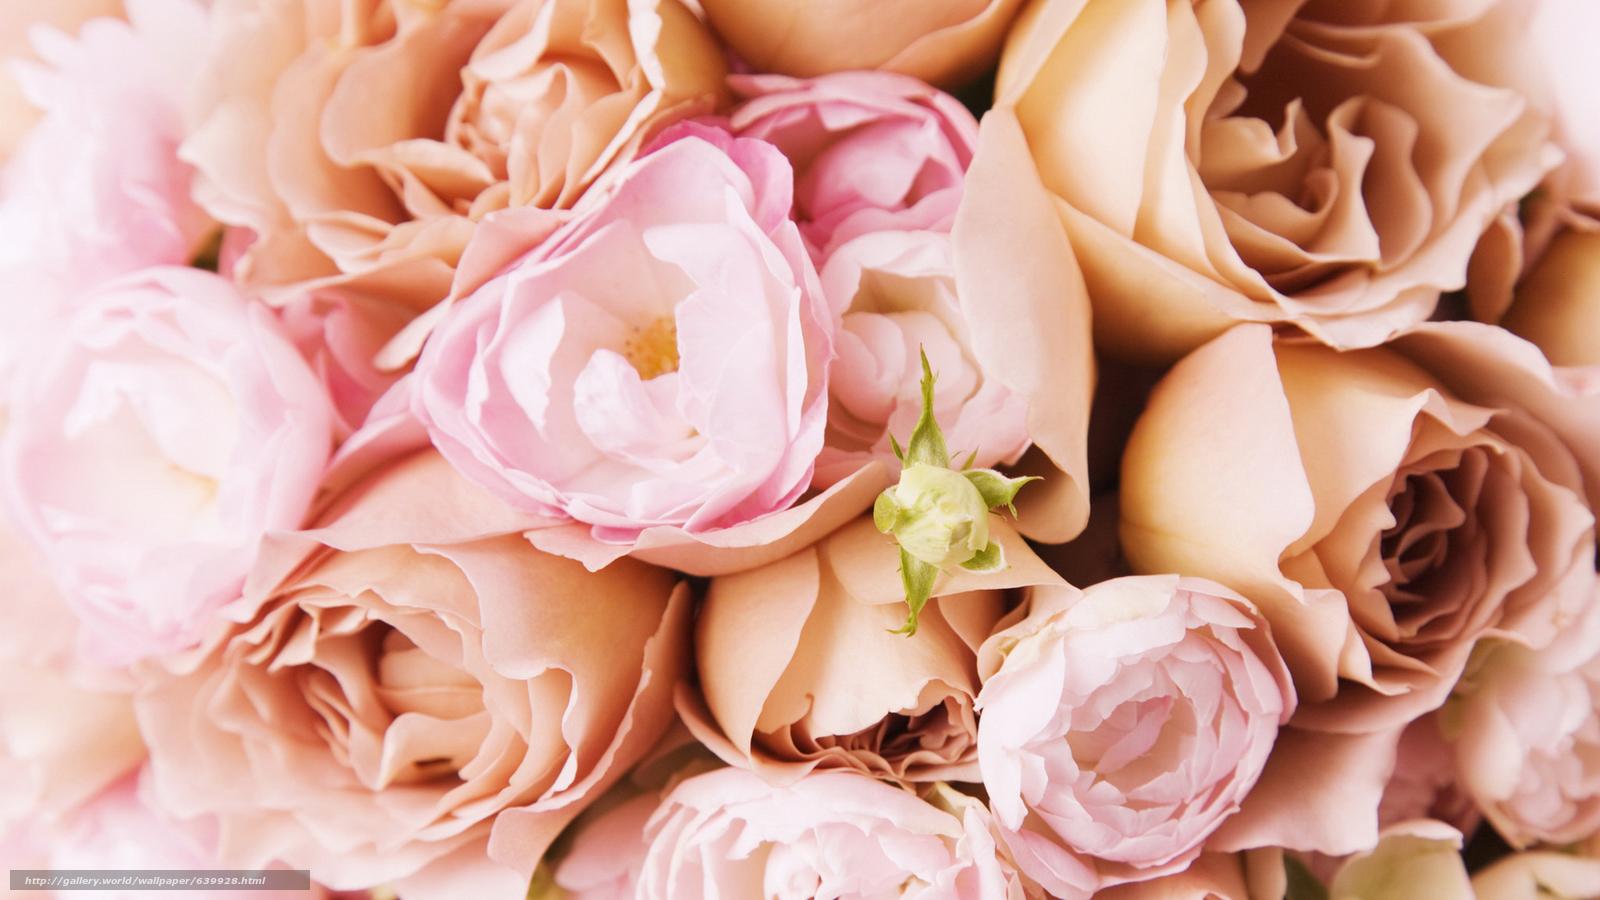 бежевые розы обои на рабочий стол № 51771  скачать